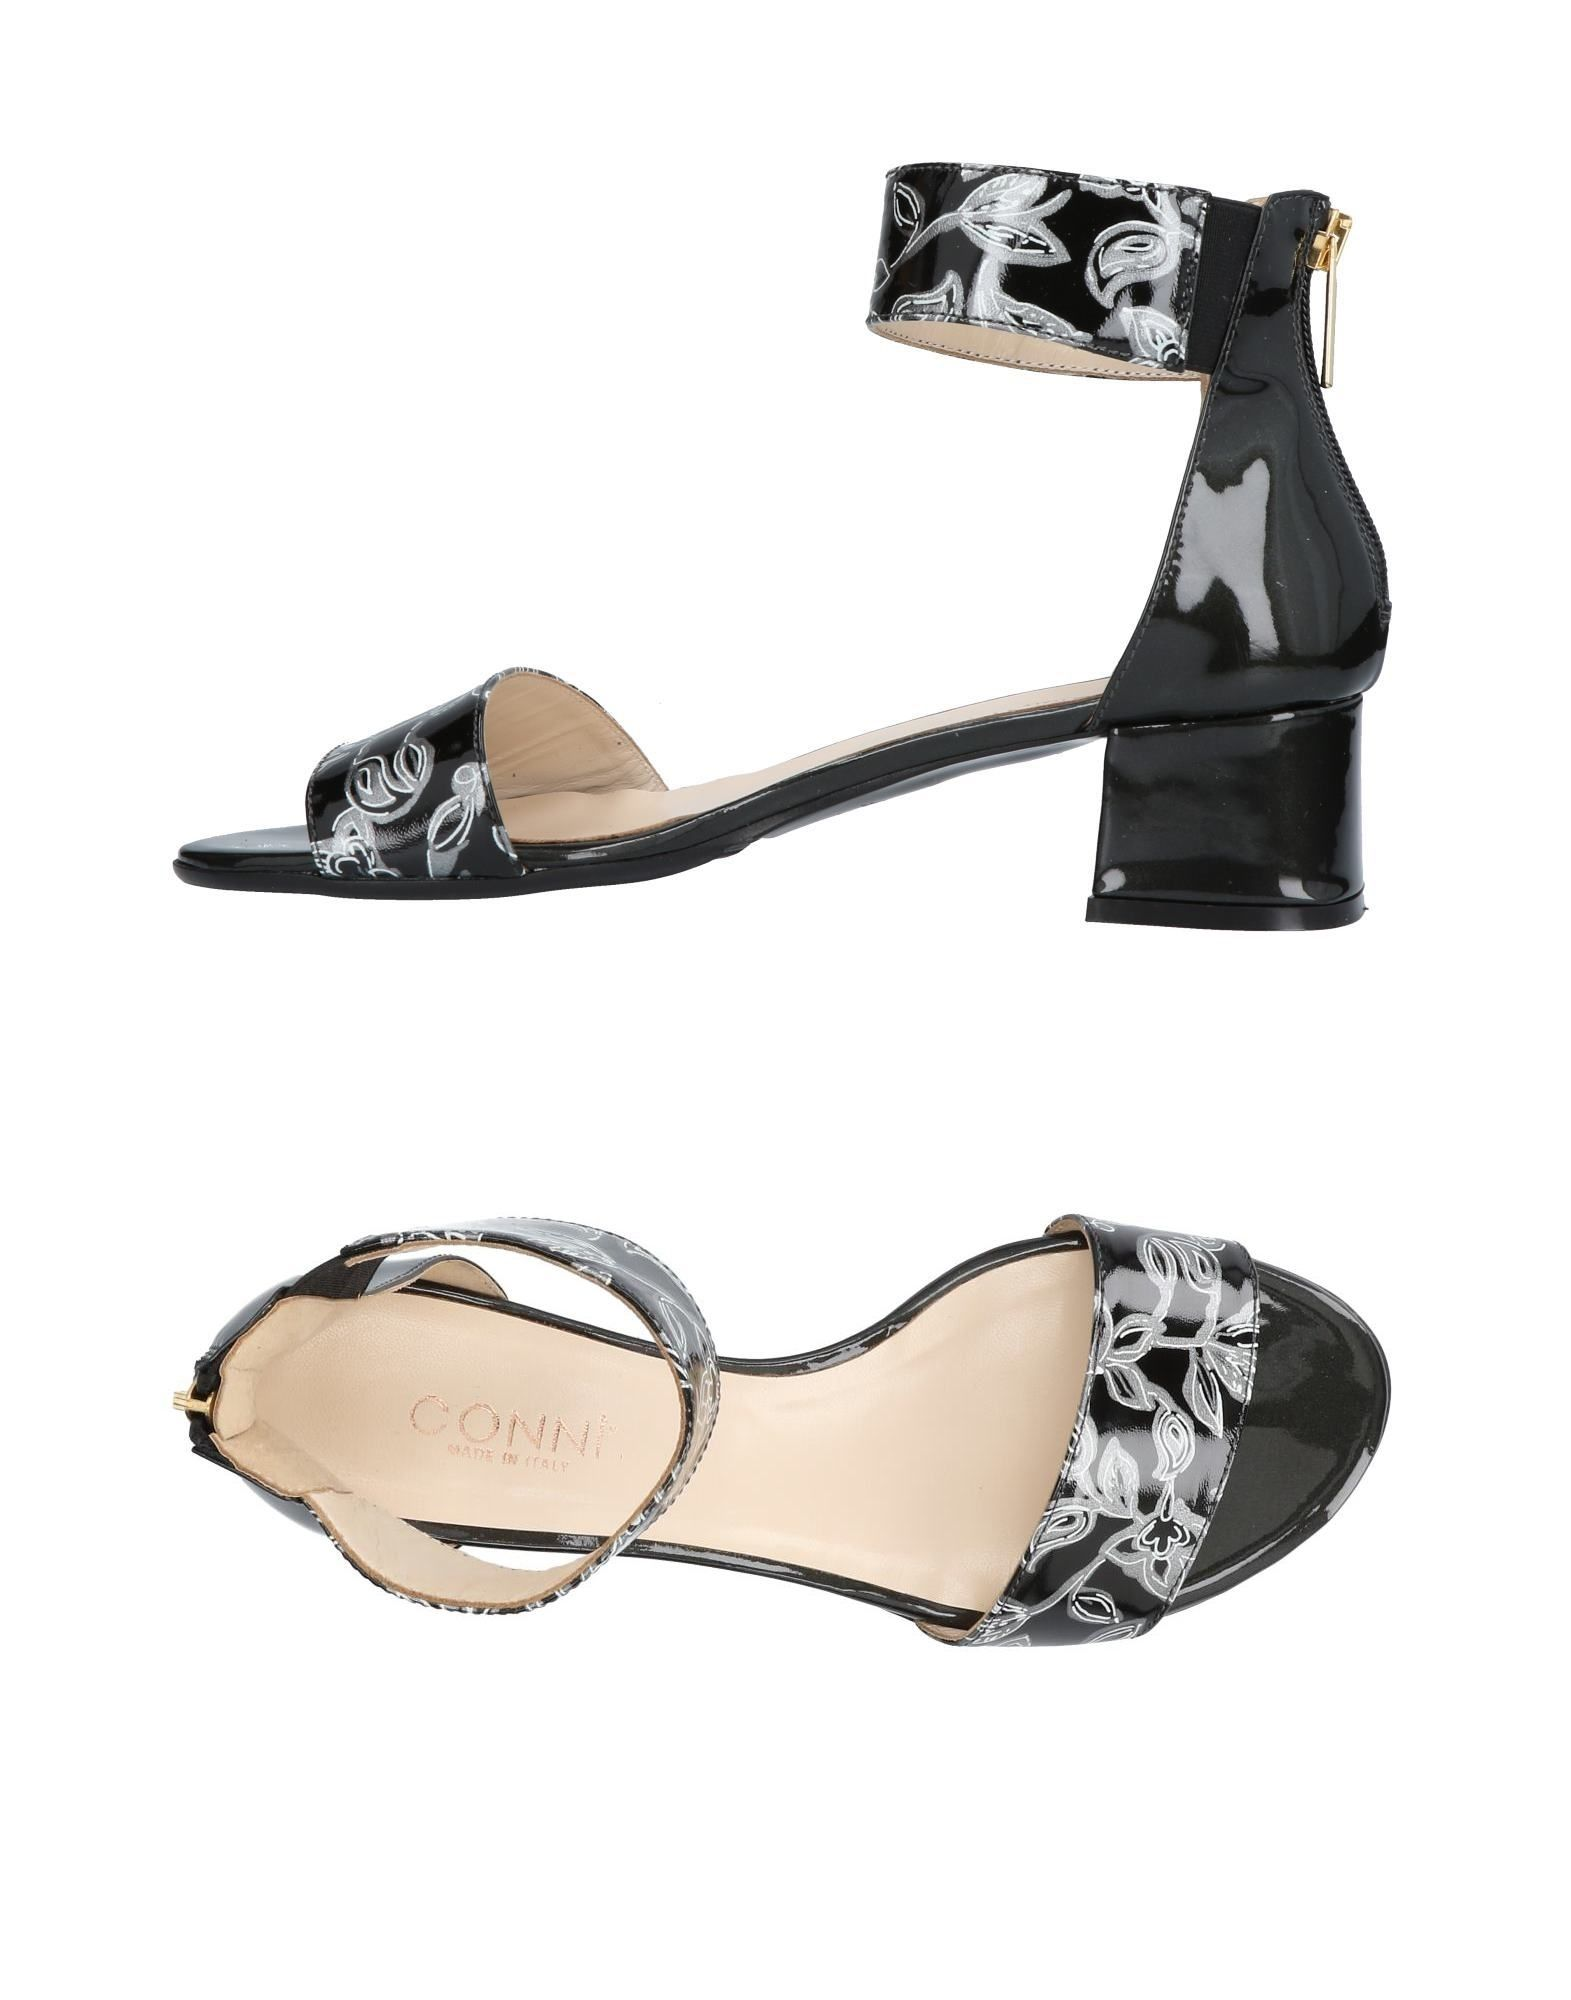 Sandales Conni Femme - Sandales Conni sur